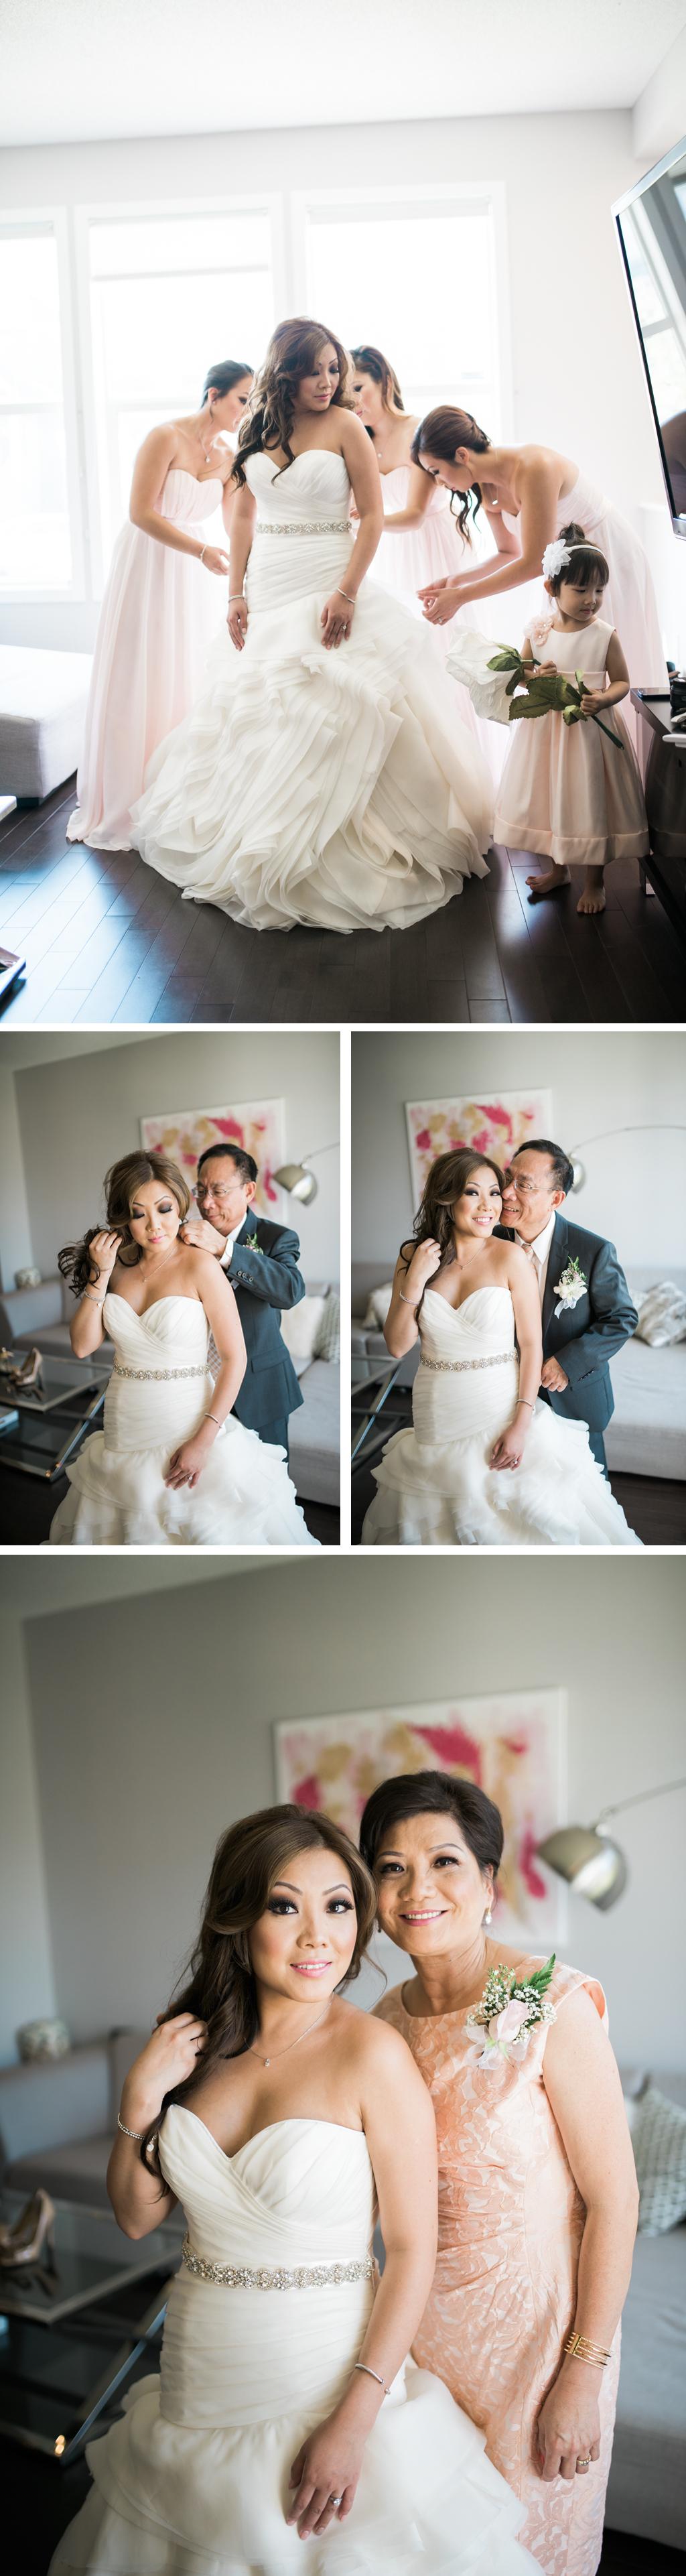 Calgary Wedding Photographer 7